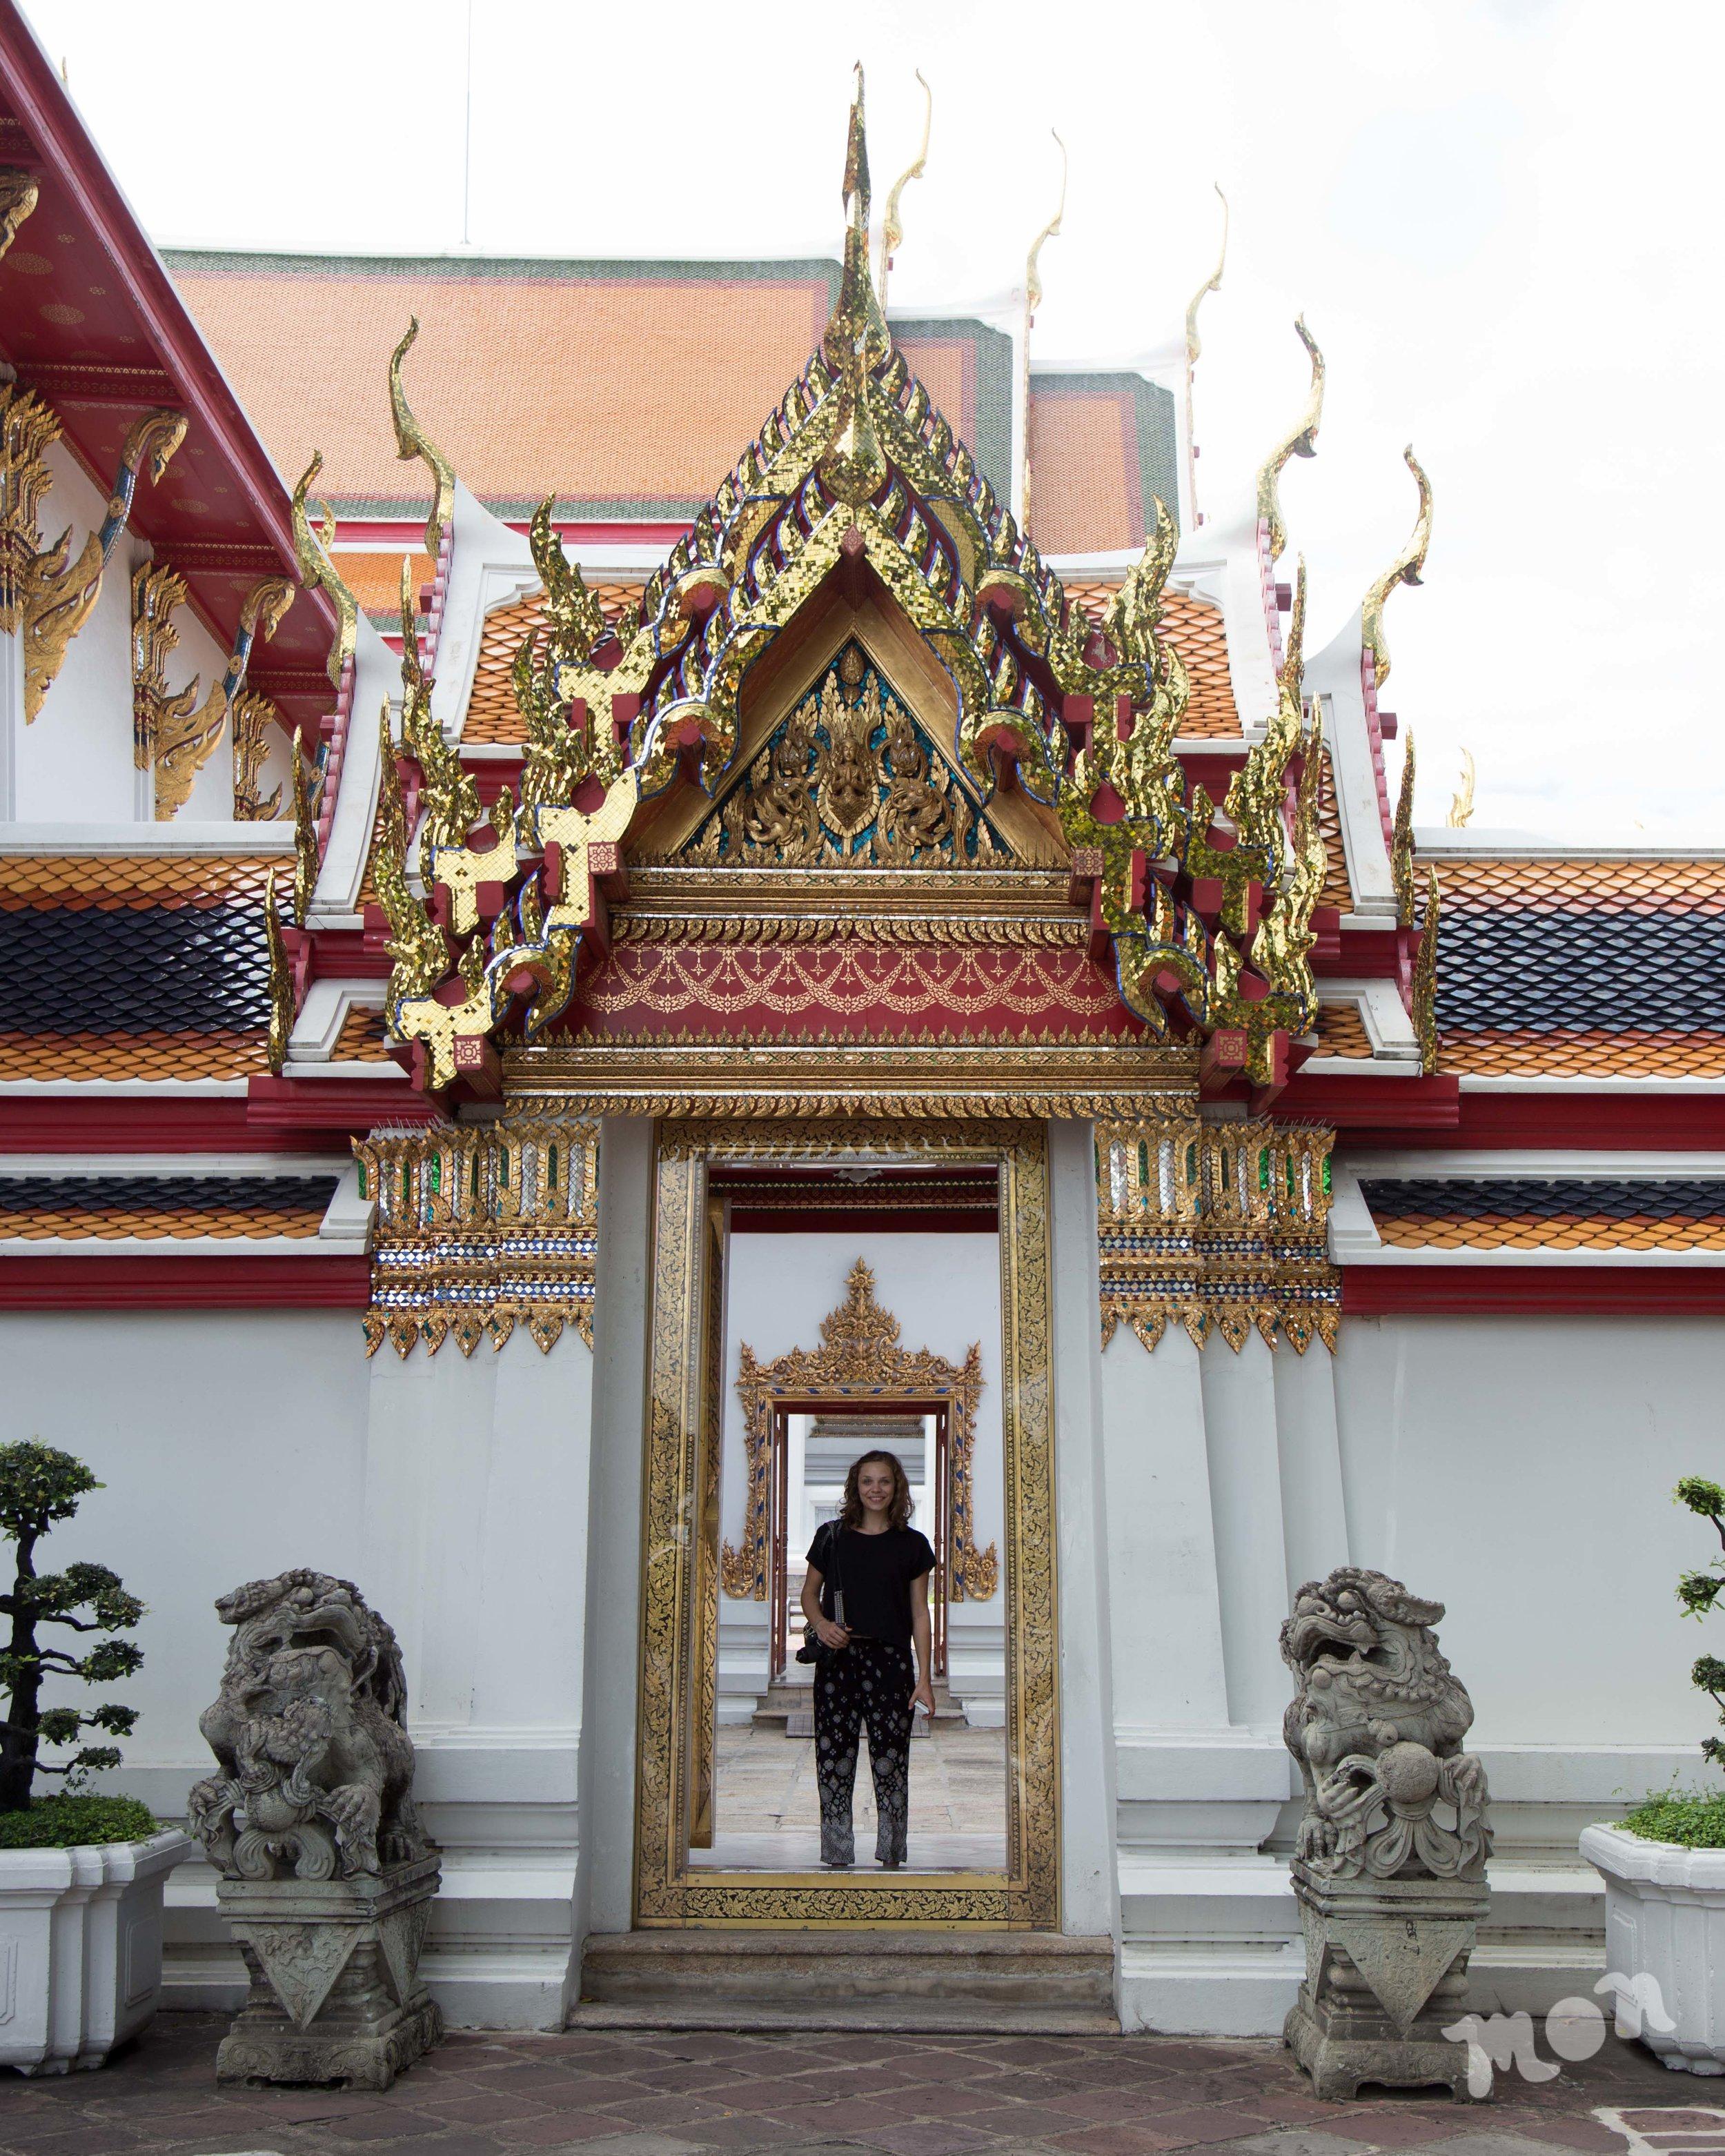 Ab in a Doorway at Wat Pho